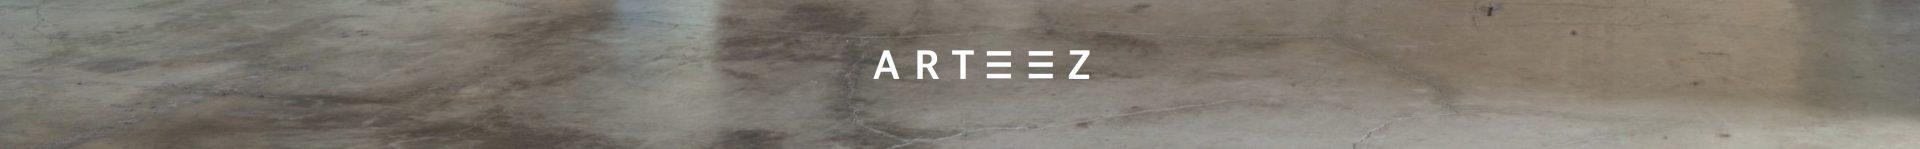 cropped-arteez_logo_beton.jpg